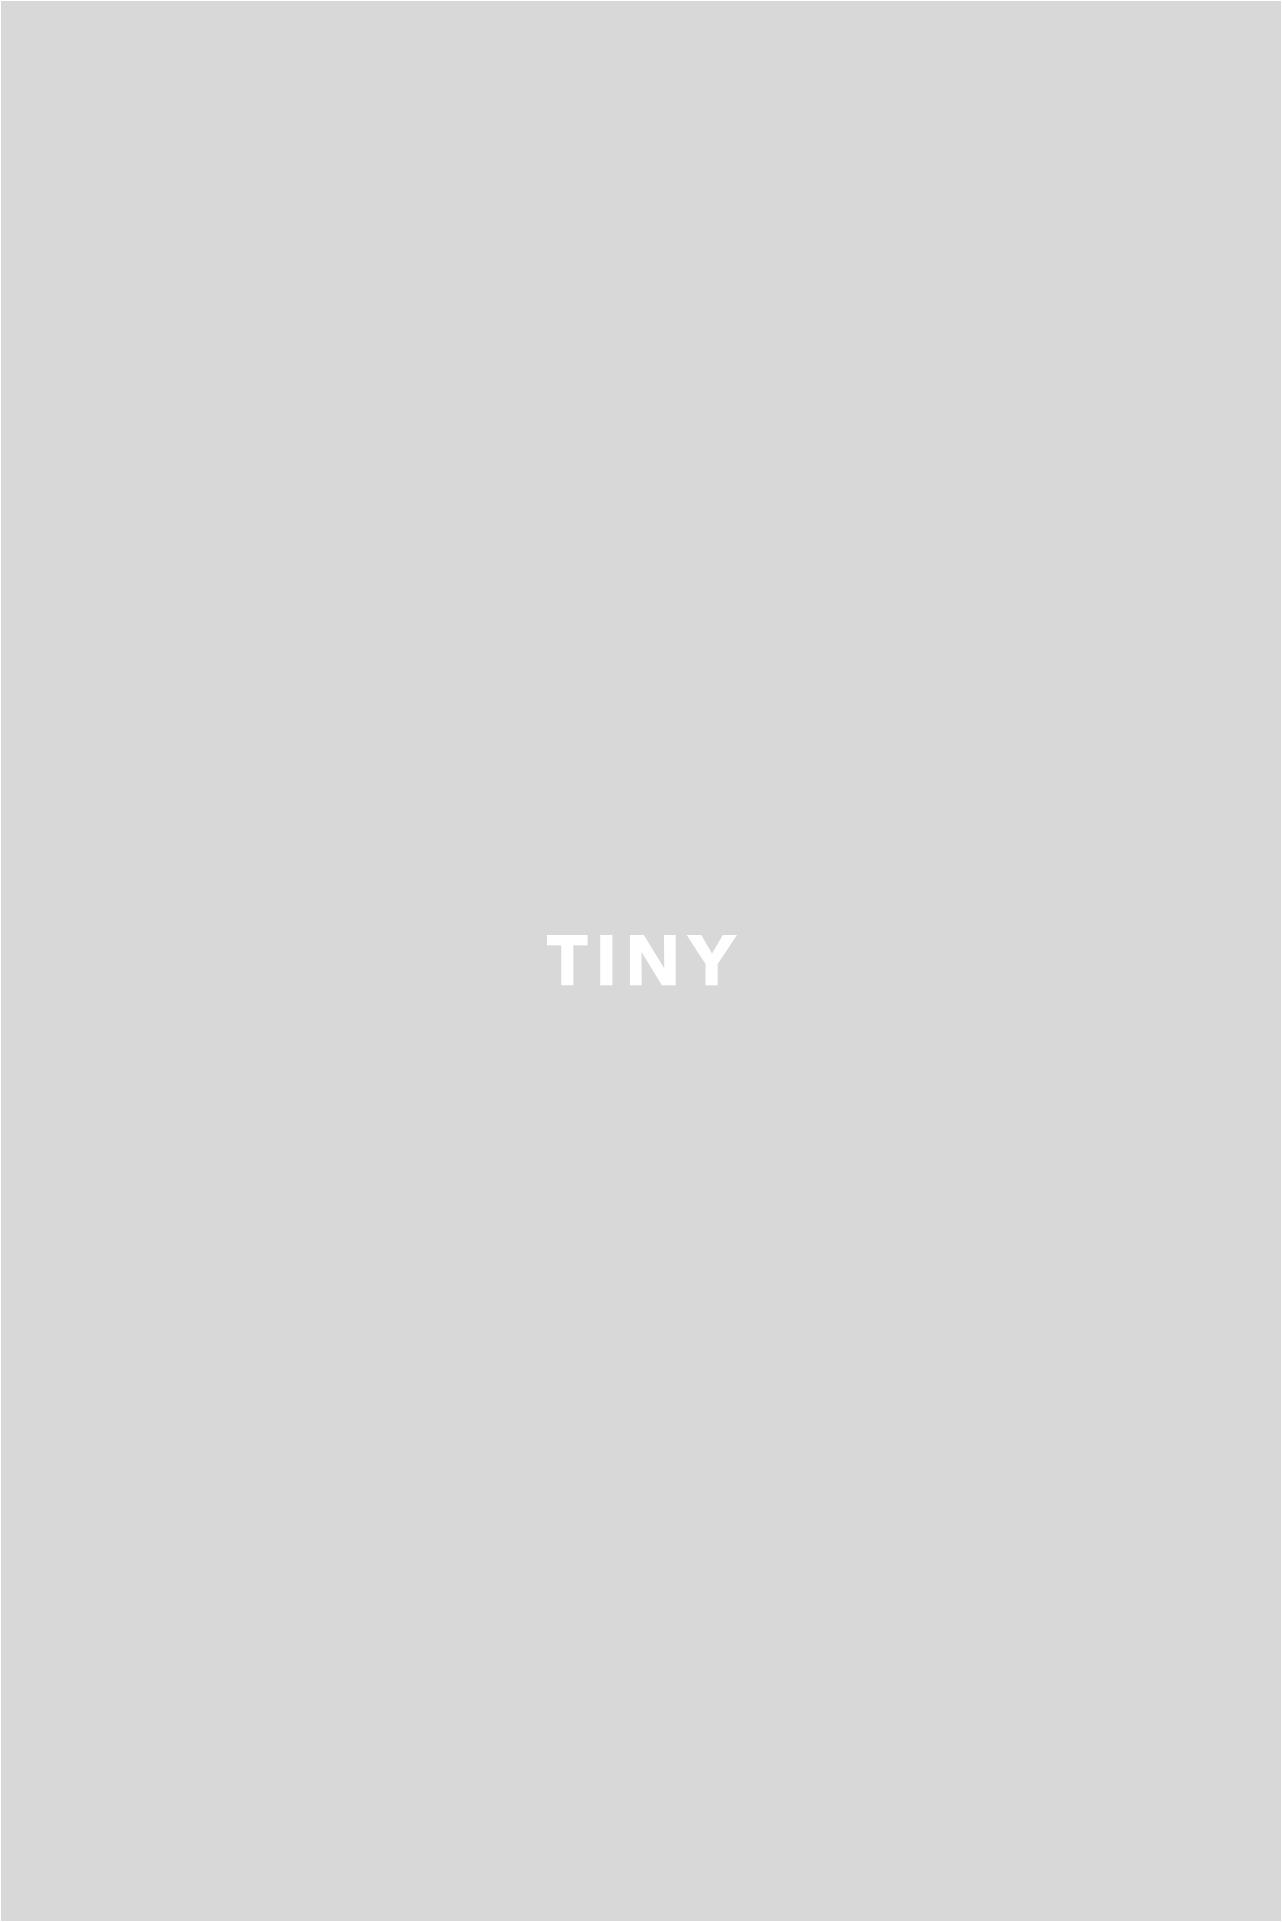 Mini Birds Puzzle - Puffin